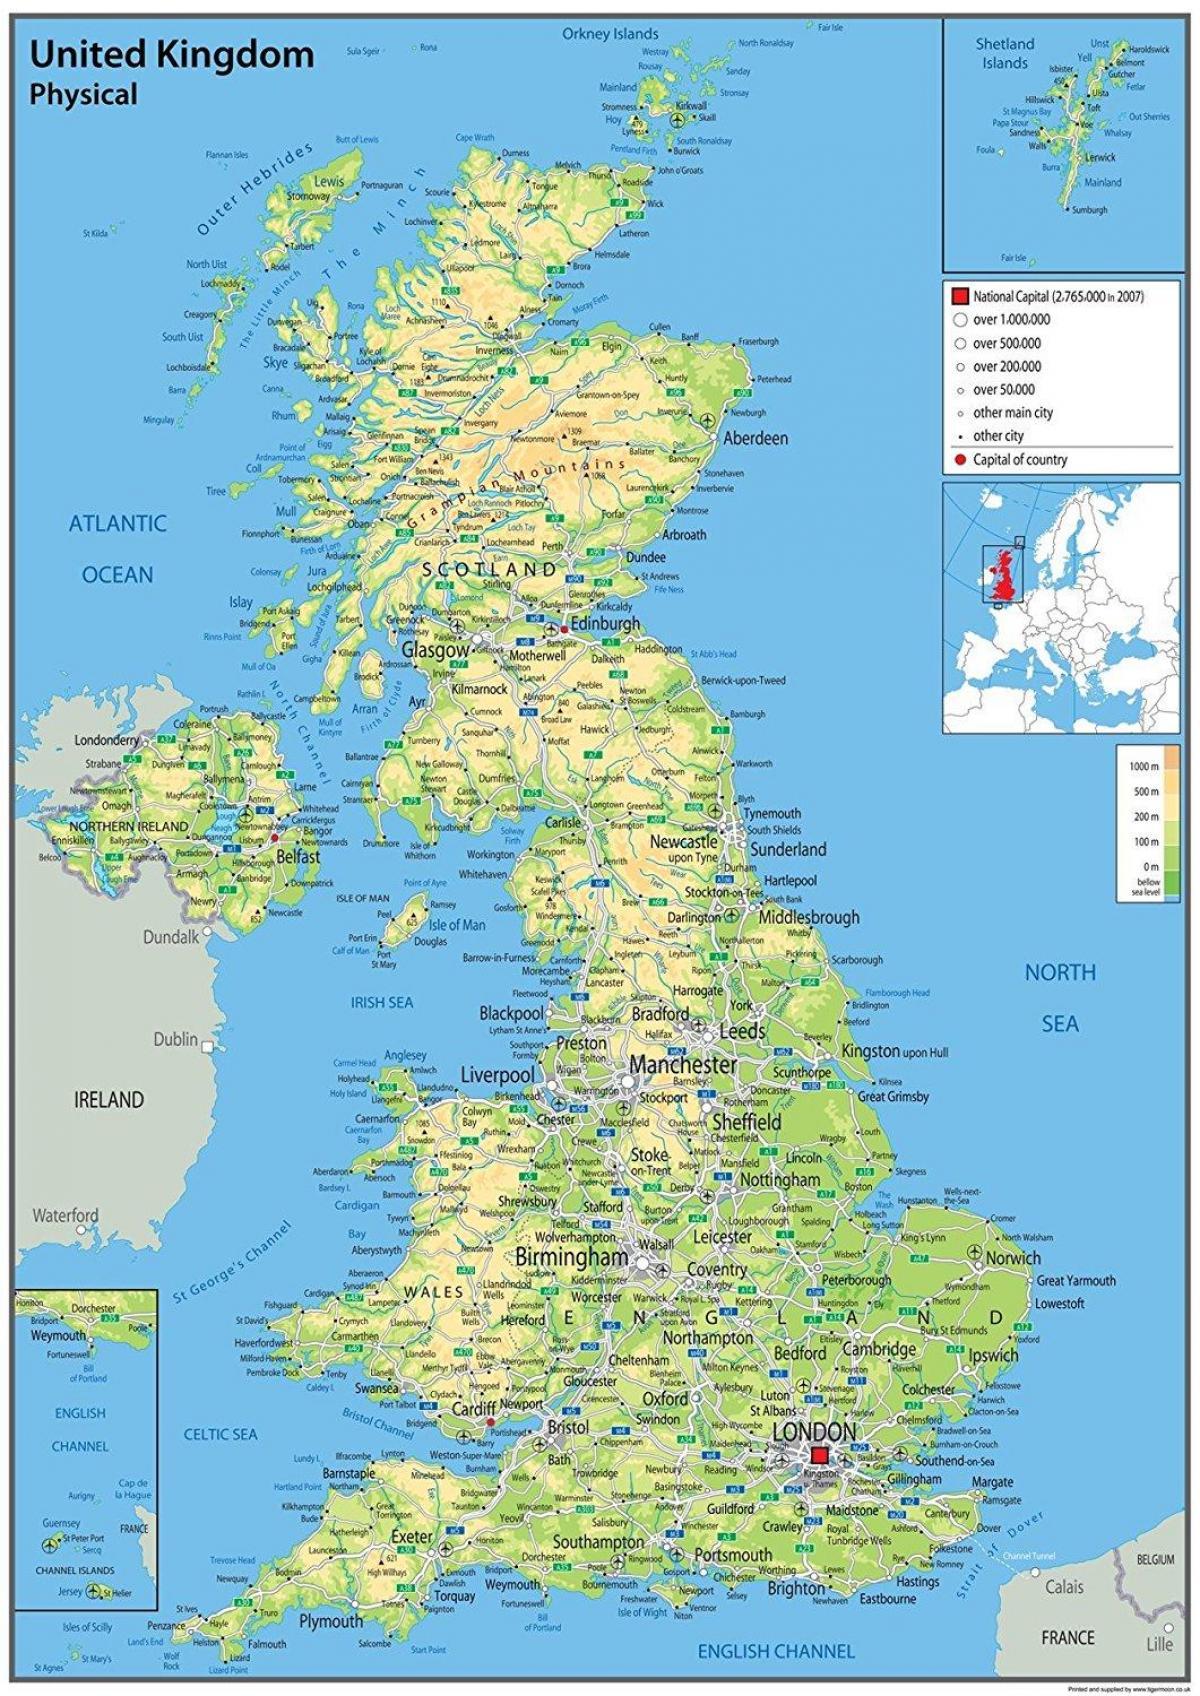 Immagini Della Cartina Del Regno Unito.Uk Mappa Mappa Grande Del Regno Unito Per La Stampa Europa Del Nord Europa